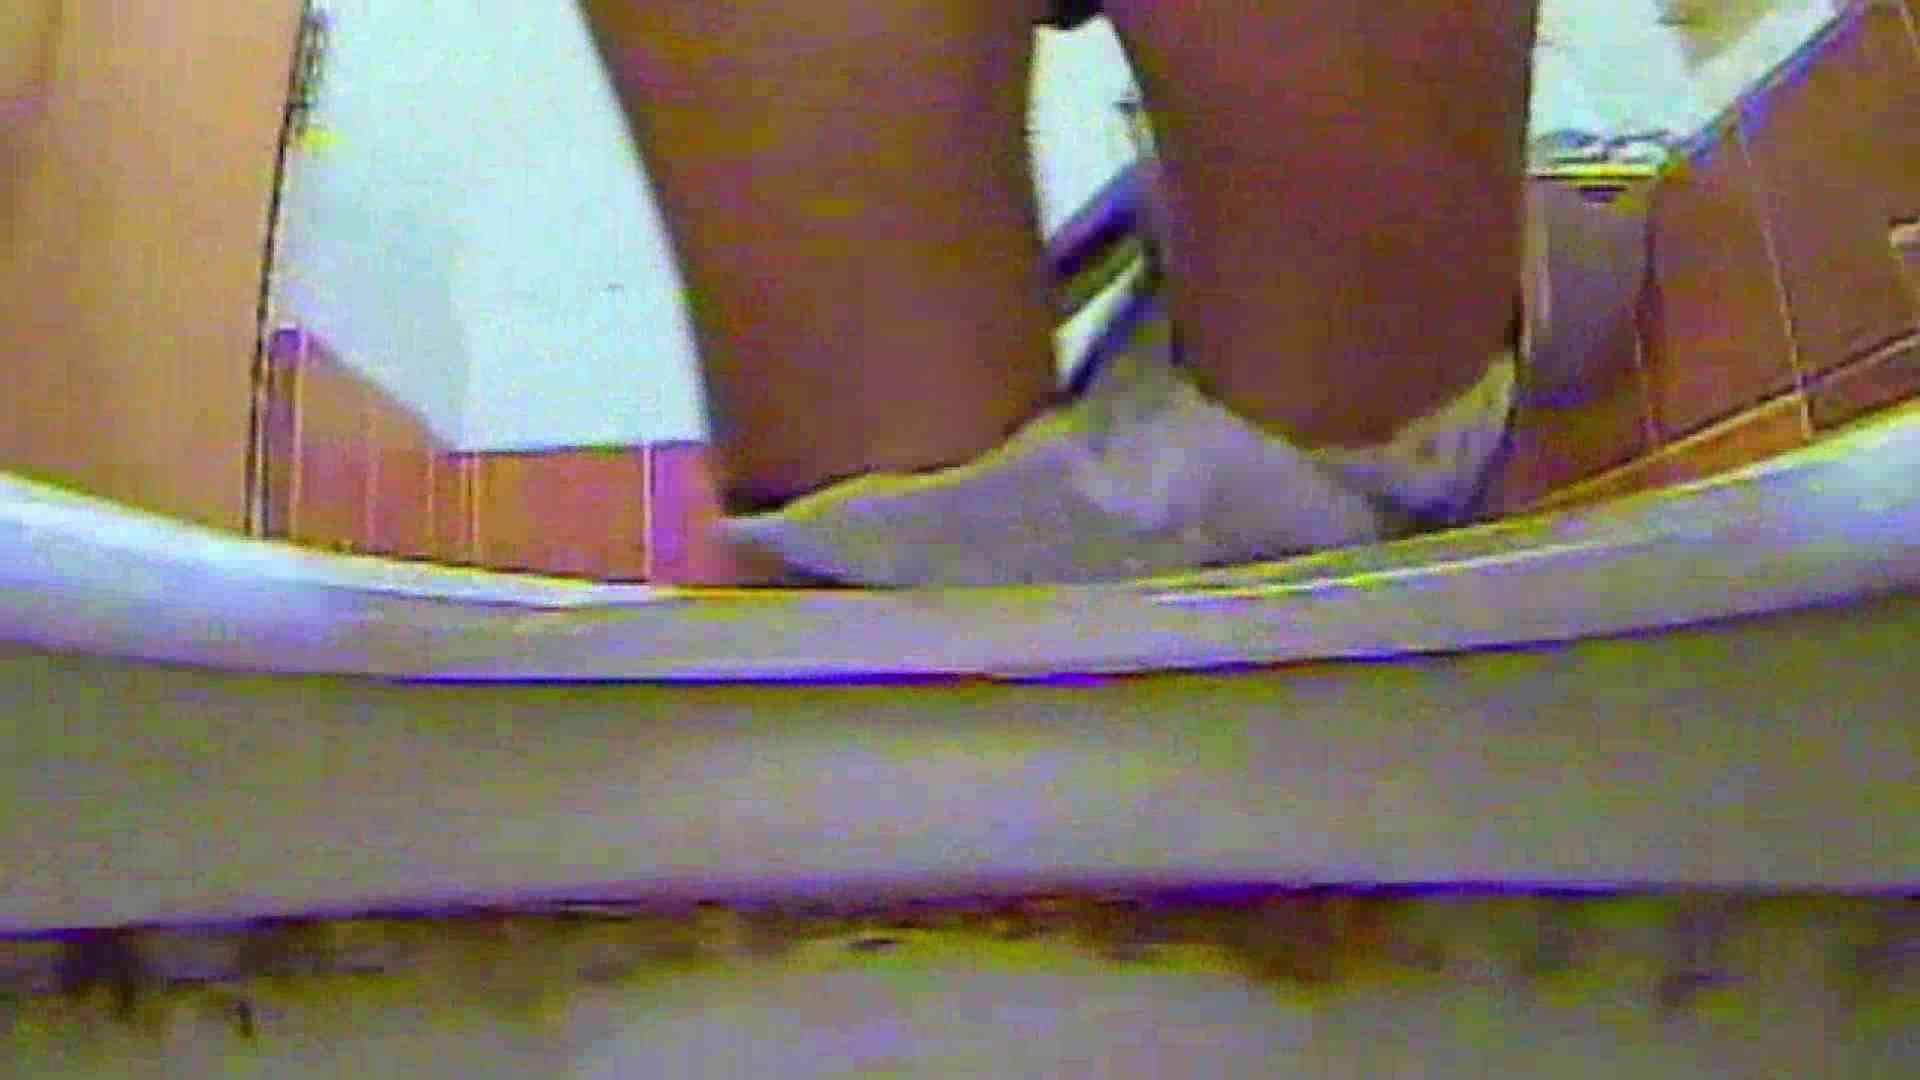 キレカワ女子大生の秘密の洗面所!Vol.044 バックショット ワレメ動画紹介 106PIX 15